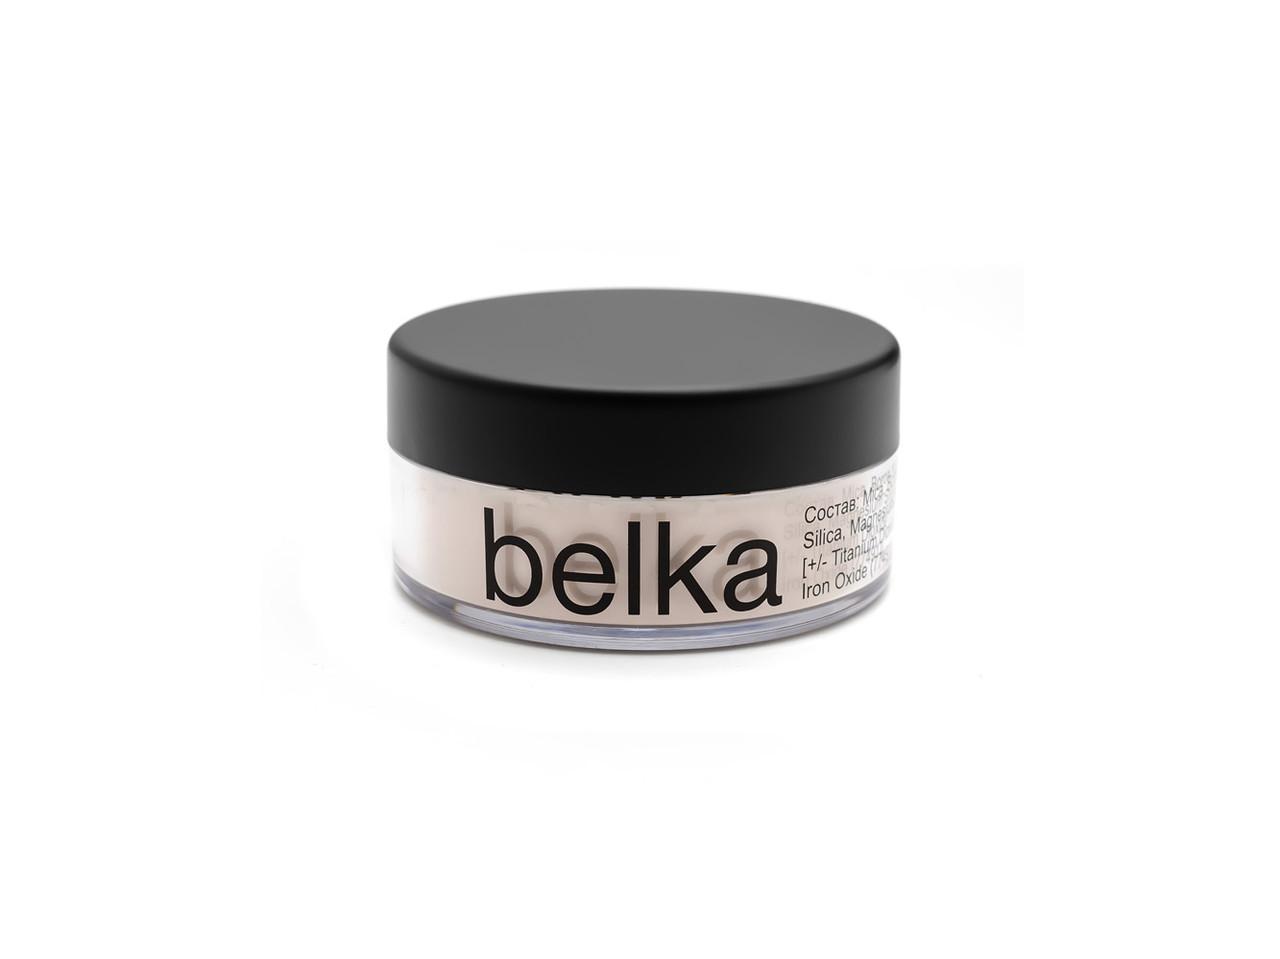 Минеральная прозрачная подсвечивающая пудра Belka